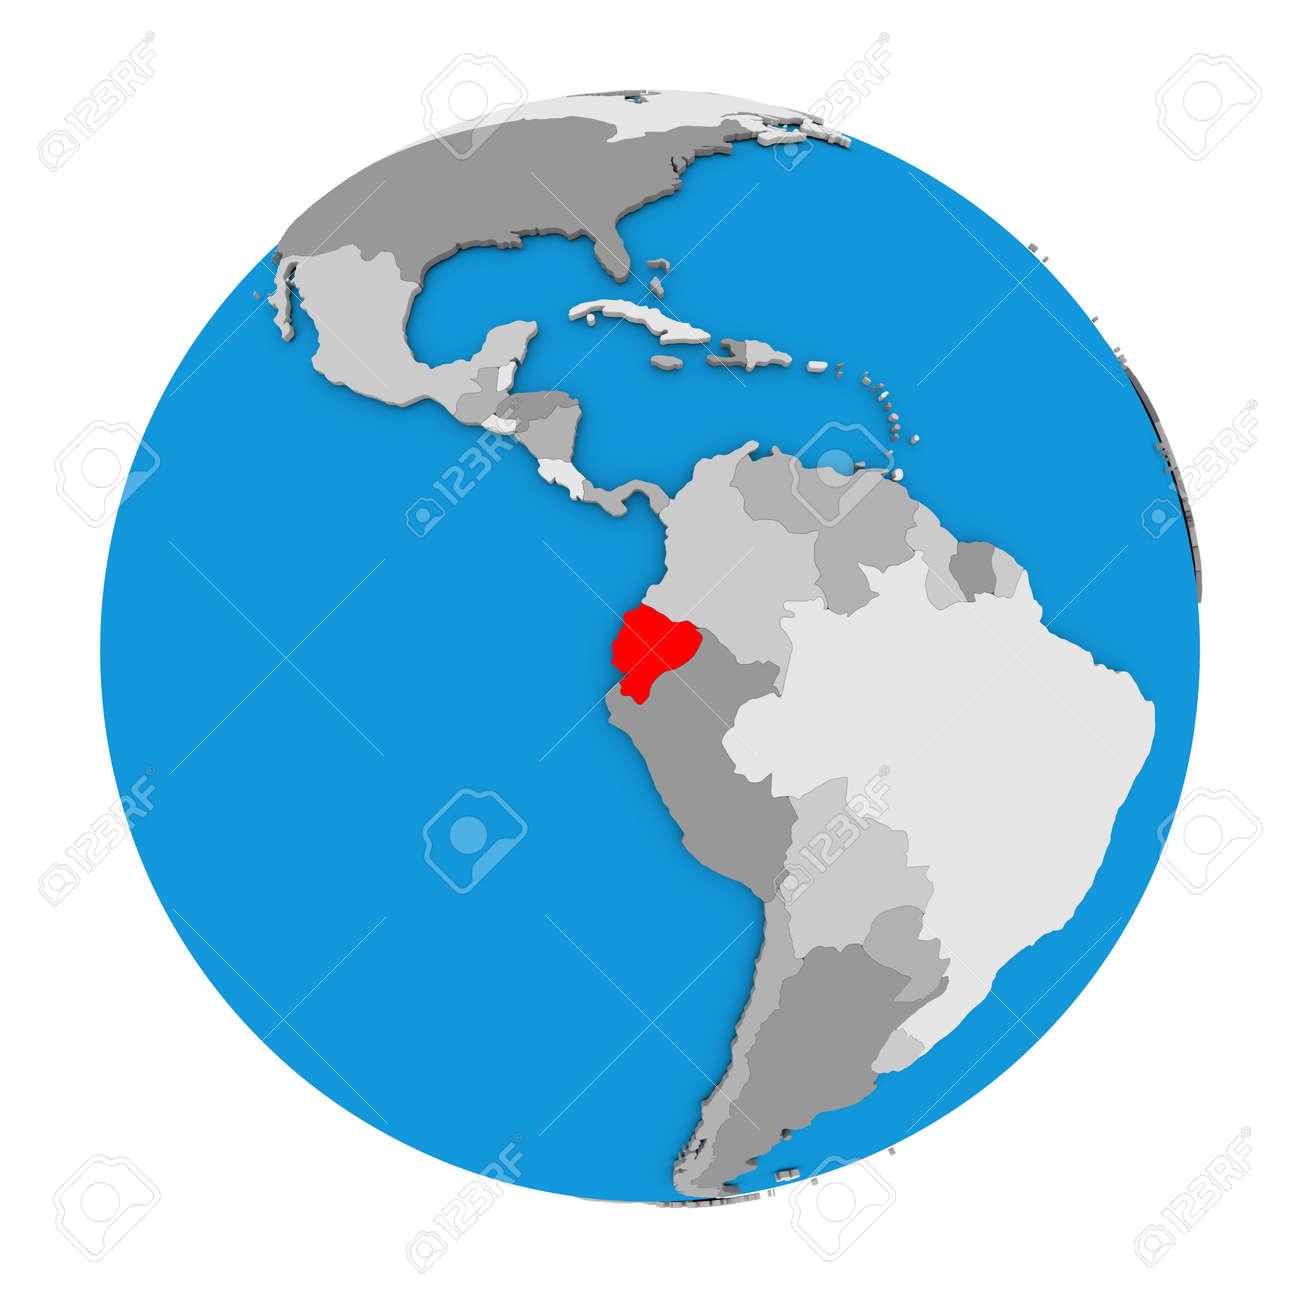 Ecuador Mapa Del Mundo.Mapa De Ecuador Resaltado En Rojo En El Mundo Ilustracion 3d Aislado Sobre Fondo Blanco Fotos Retratos Imagenes Y Fotografia De Archivo Libres De Derecho Image 68917501